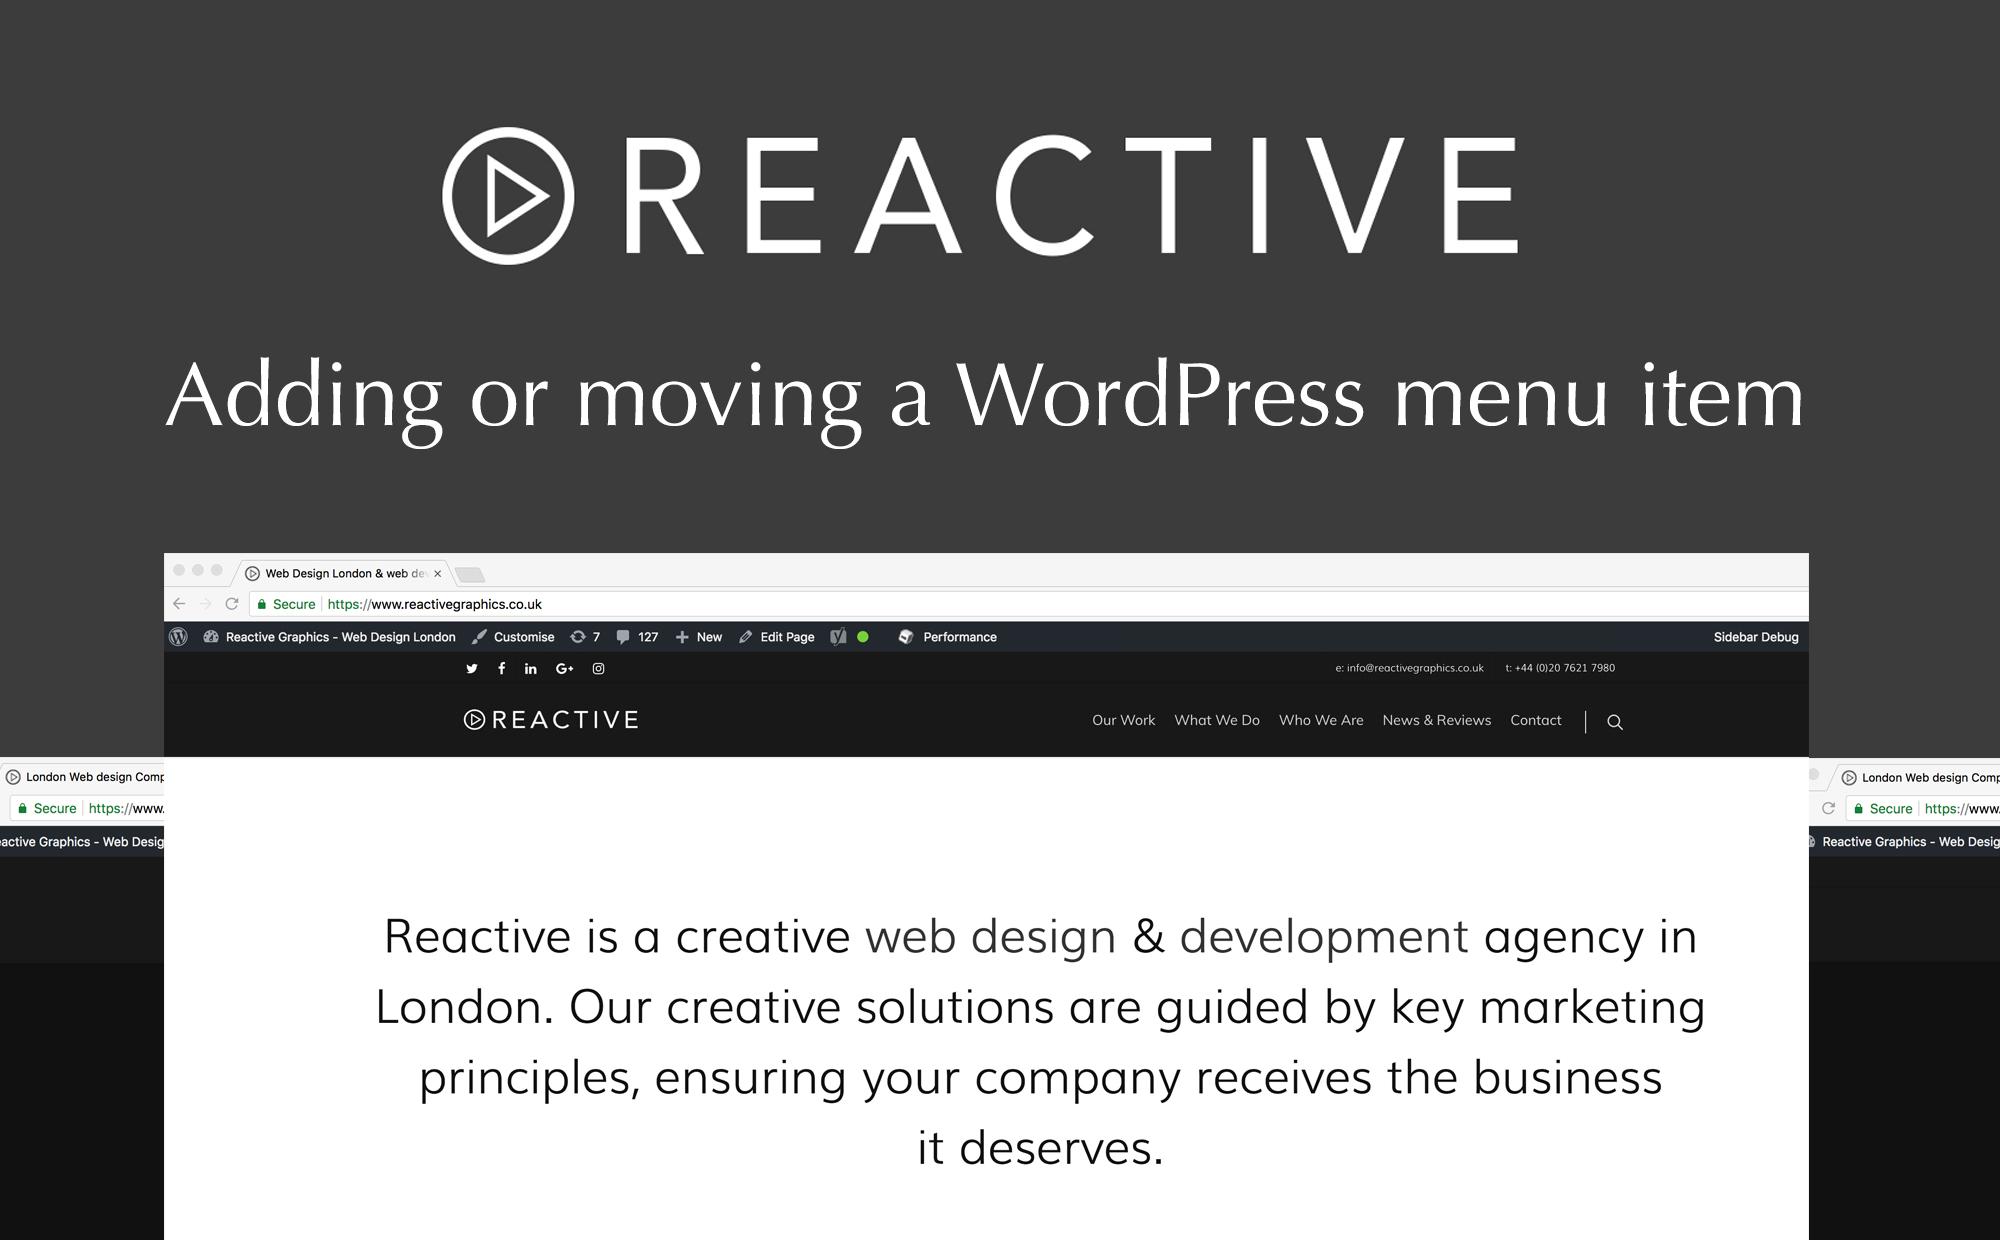 Adding a WordPress menu item